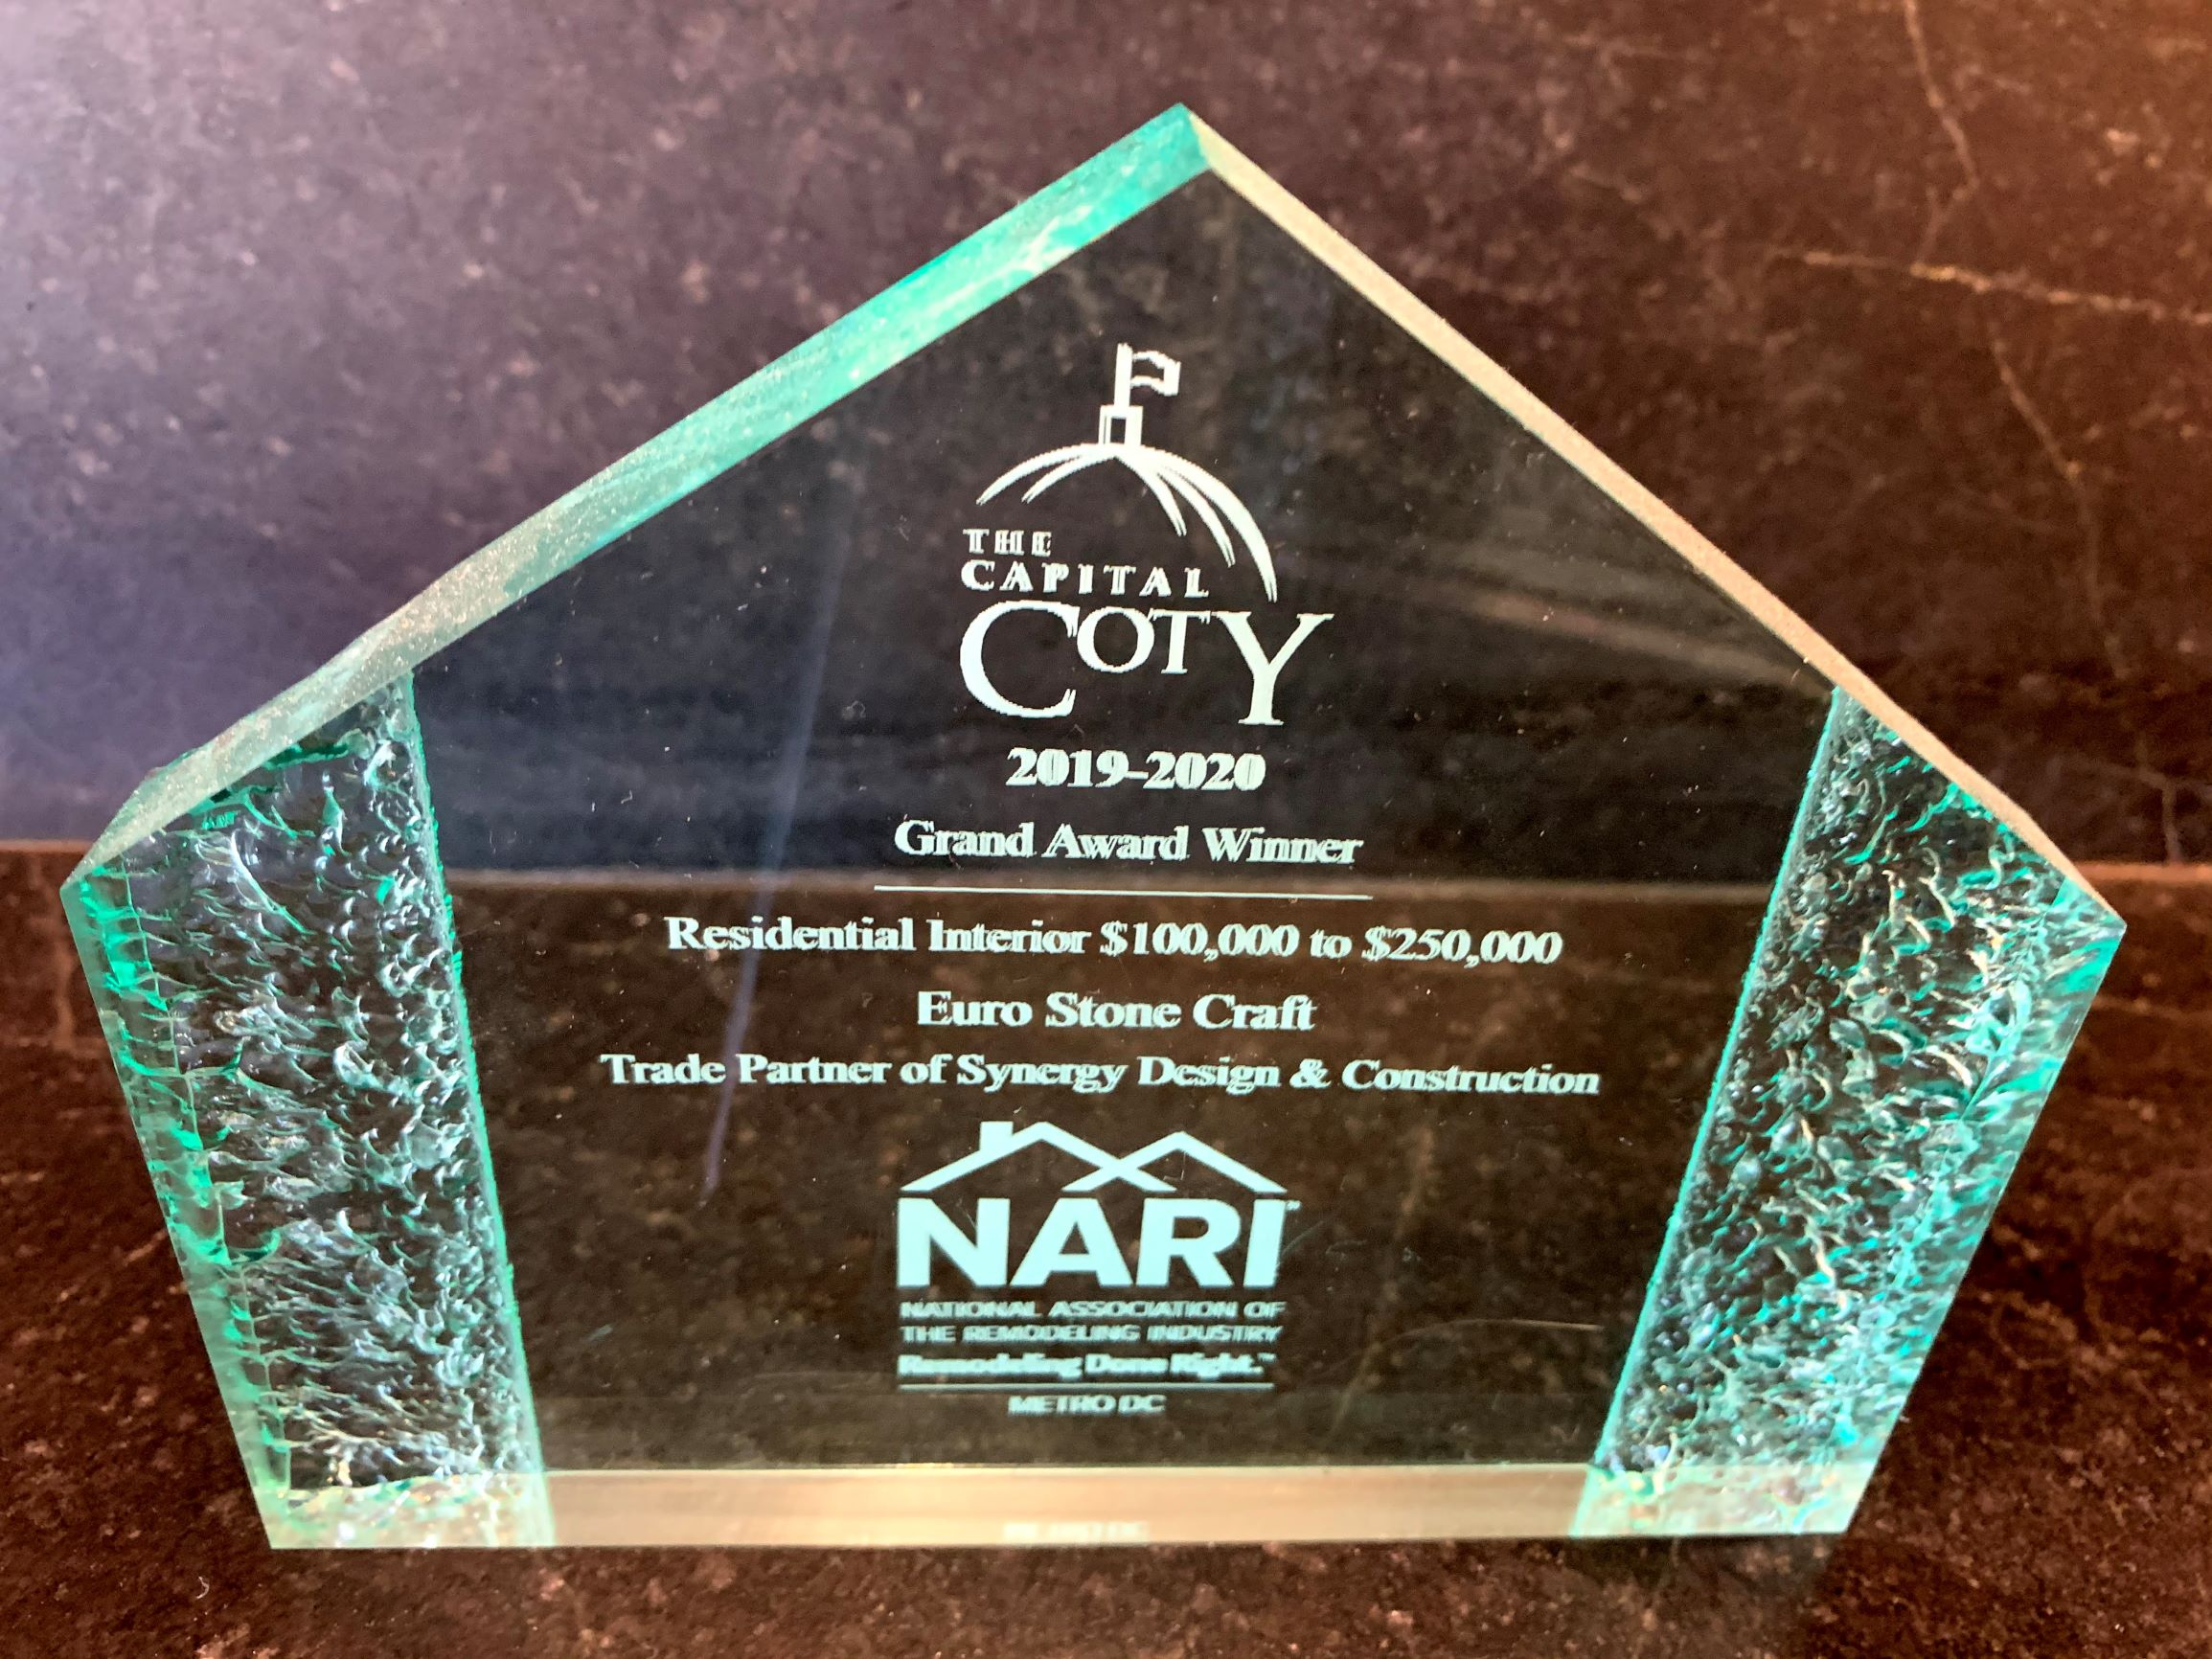 ESC Coty Award 2019-2020 Residential Interior Syngergy